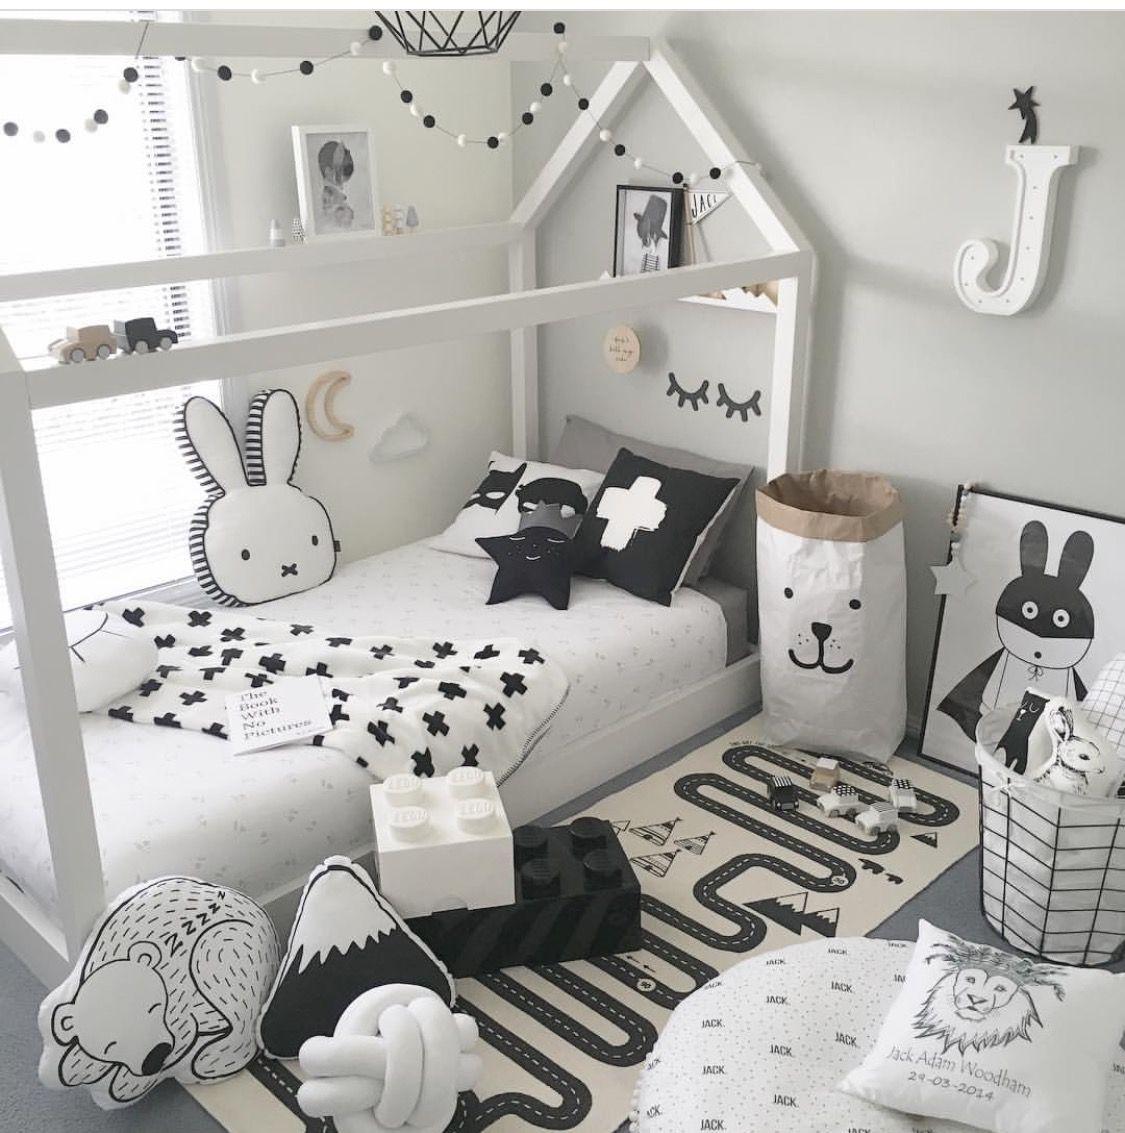 chambre petit garon ide chambre enfant ides dco pour la chambre chambres bb chambre mixte petits garons deco enfant idee deco envie